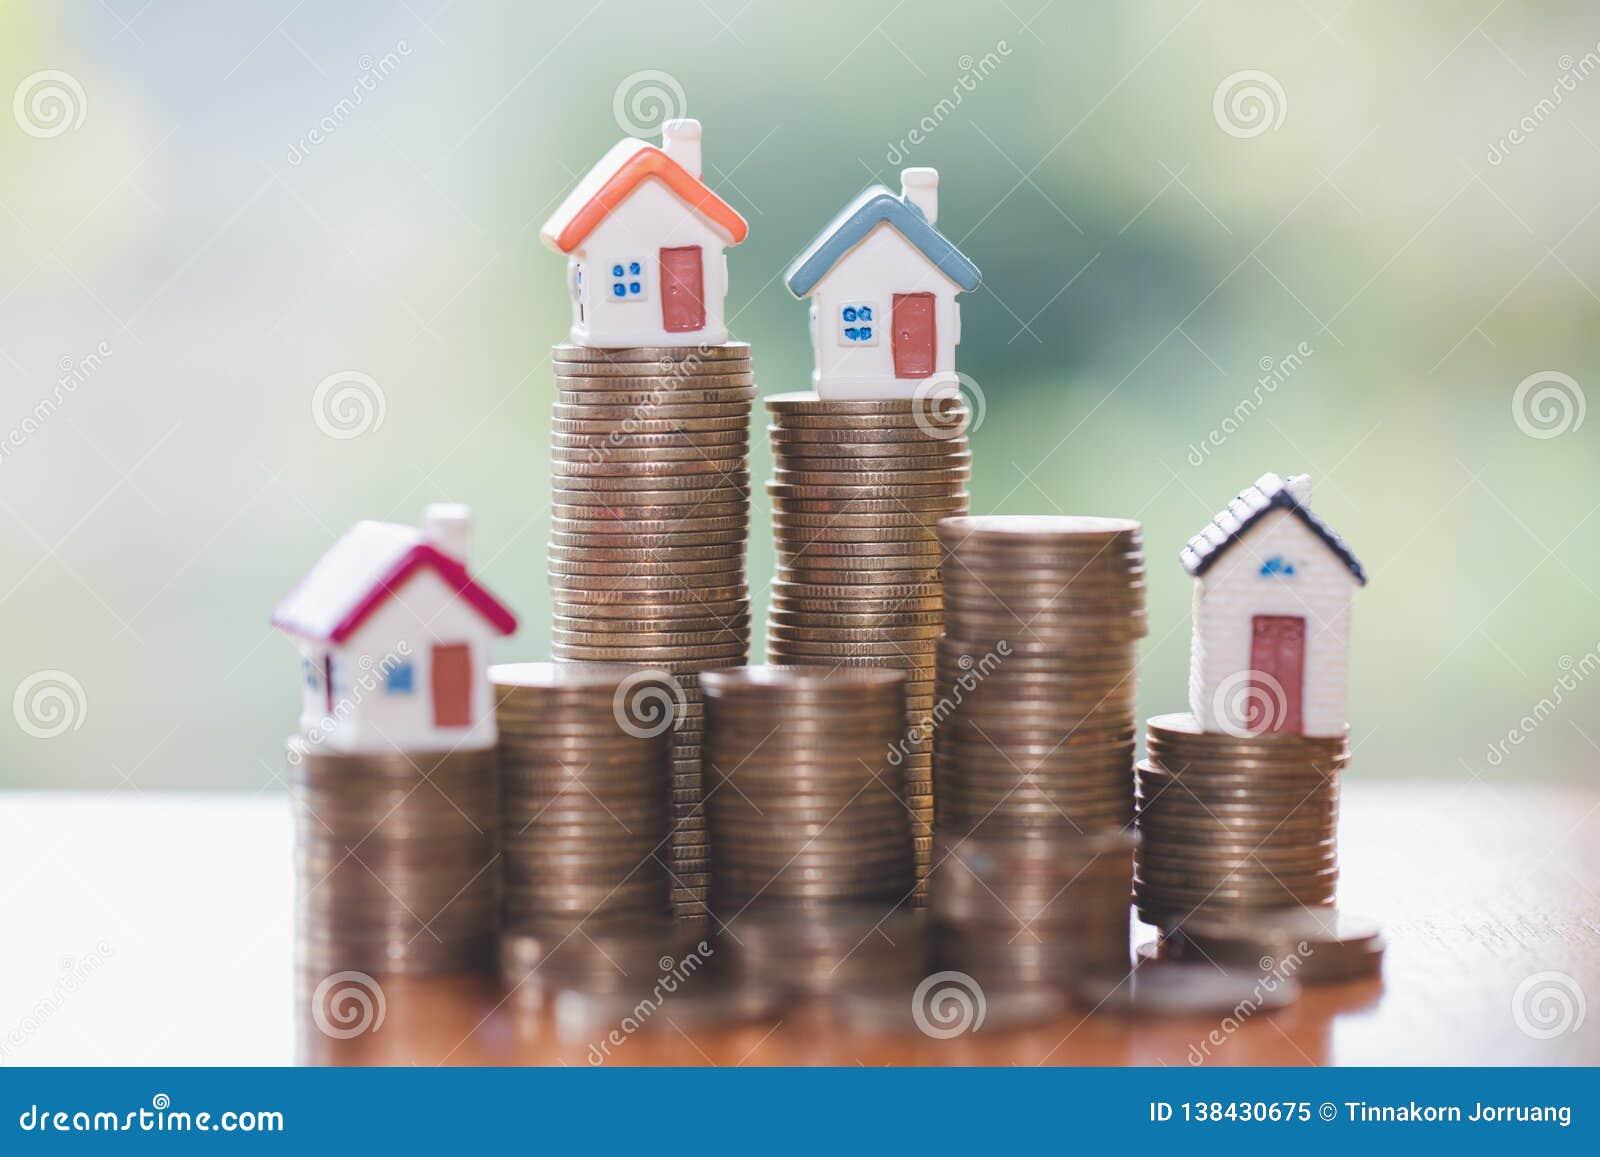 堆的硬币,不动产投资微型房子,存与堆硬币,企业成长投资和财政的金钱,